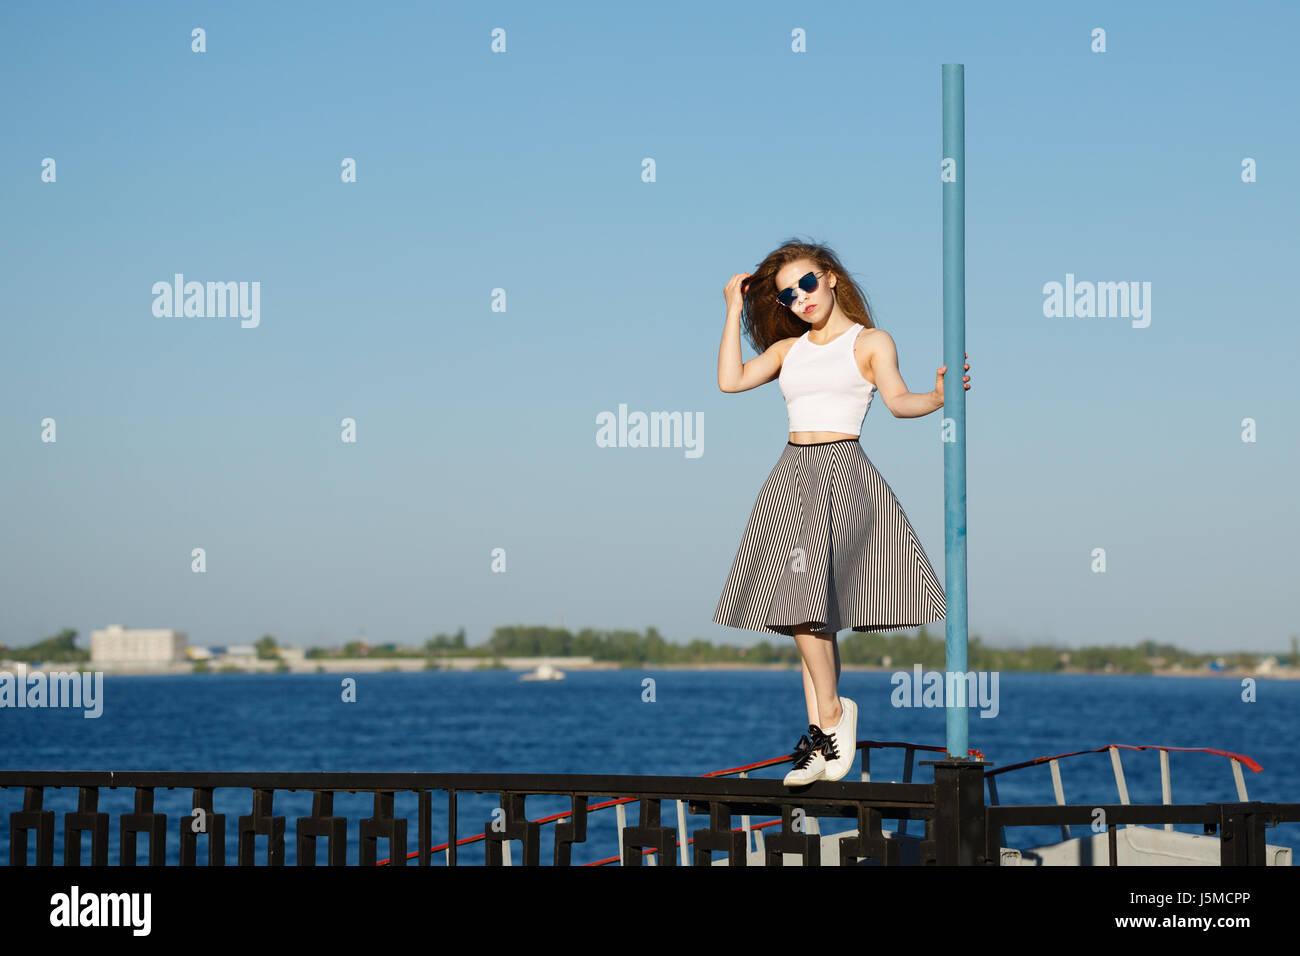 Jeune fille attirante hipster danser sur le poteau. Elle porte un top, une jupe et des lunettes. Le concept de la Photo Stock